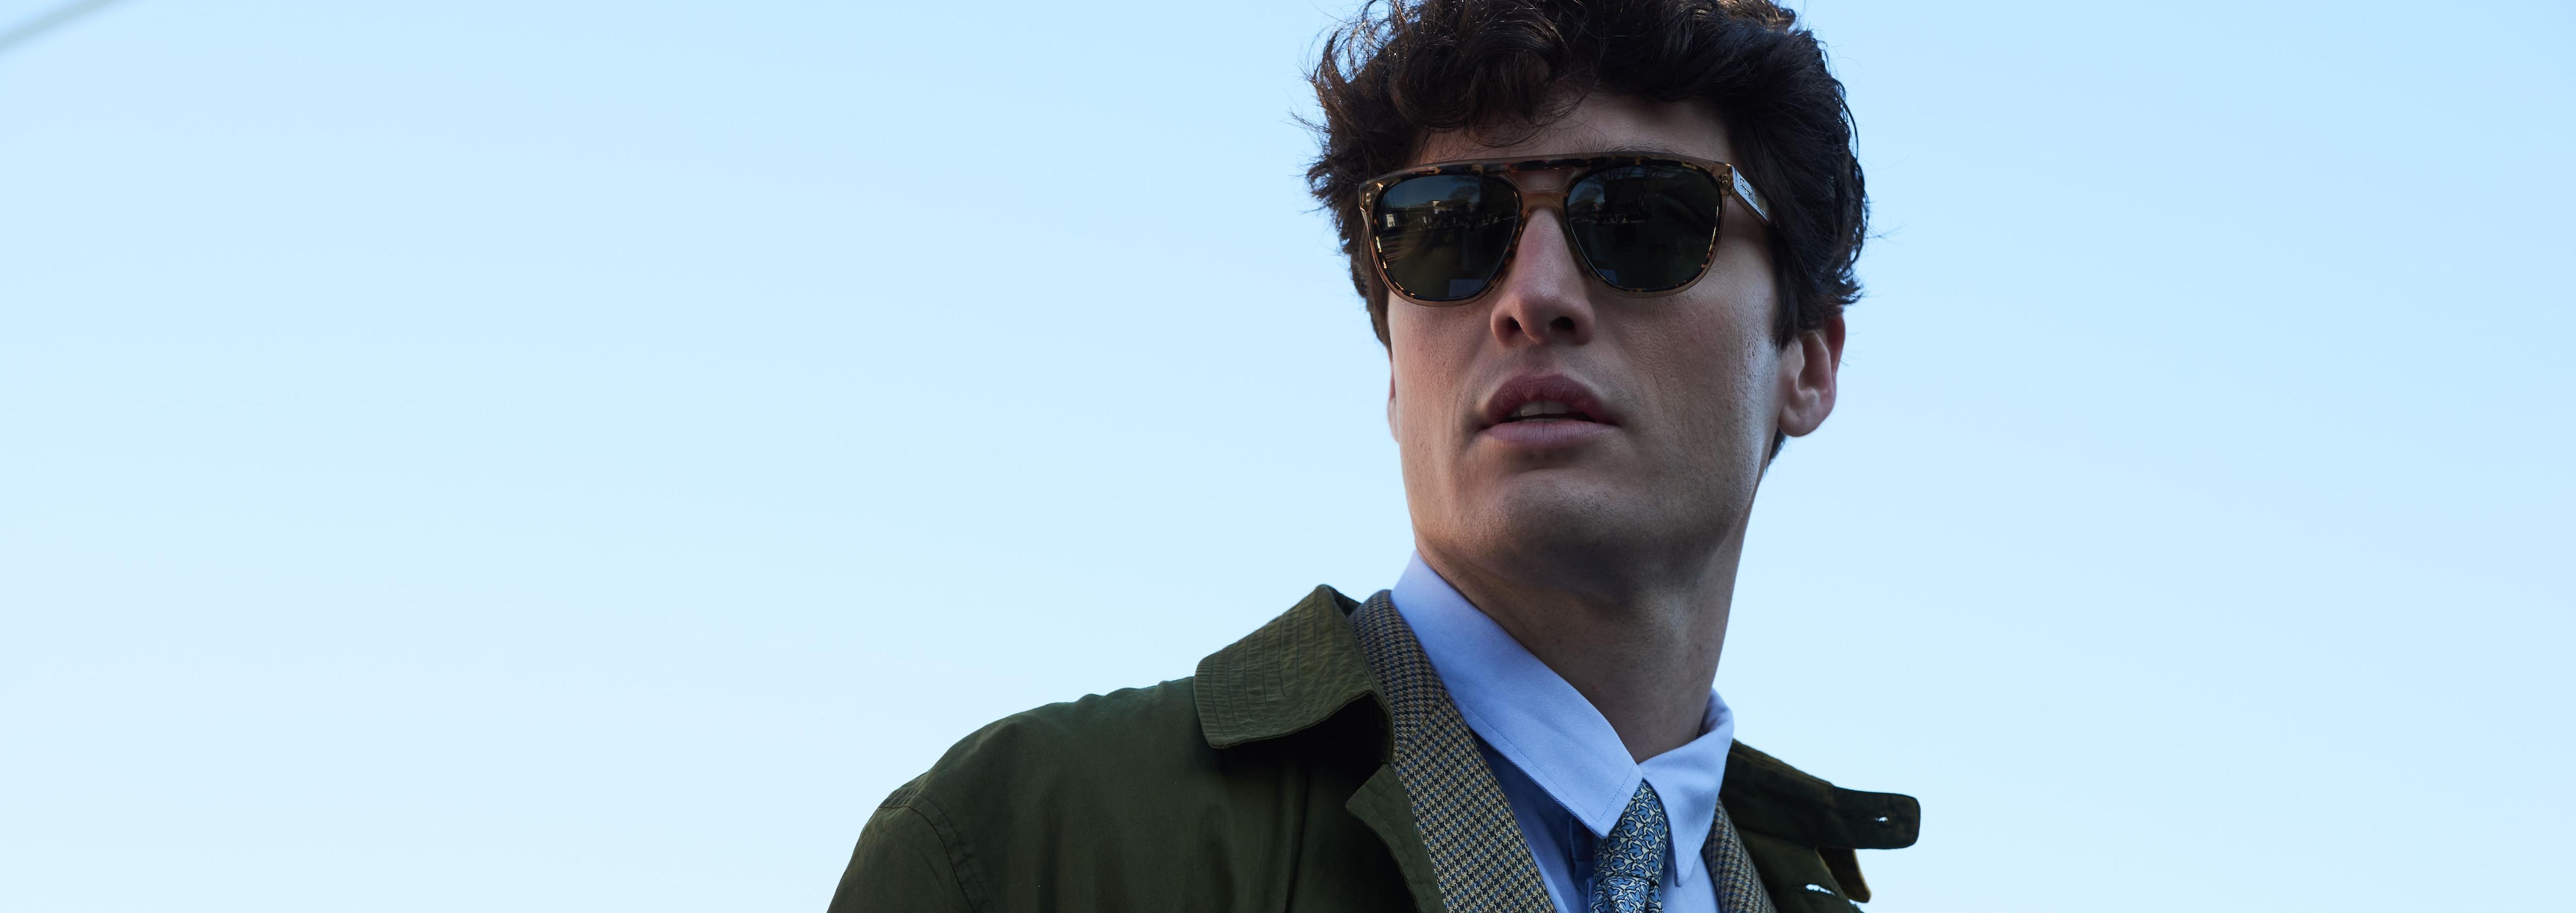 desk-Pitti Immagine Uomo abbigliamento moda uomo 97_ Pitti People - 039